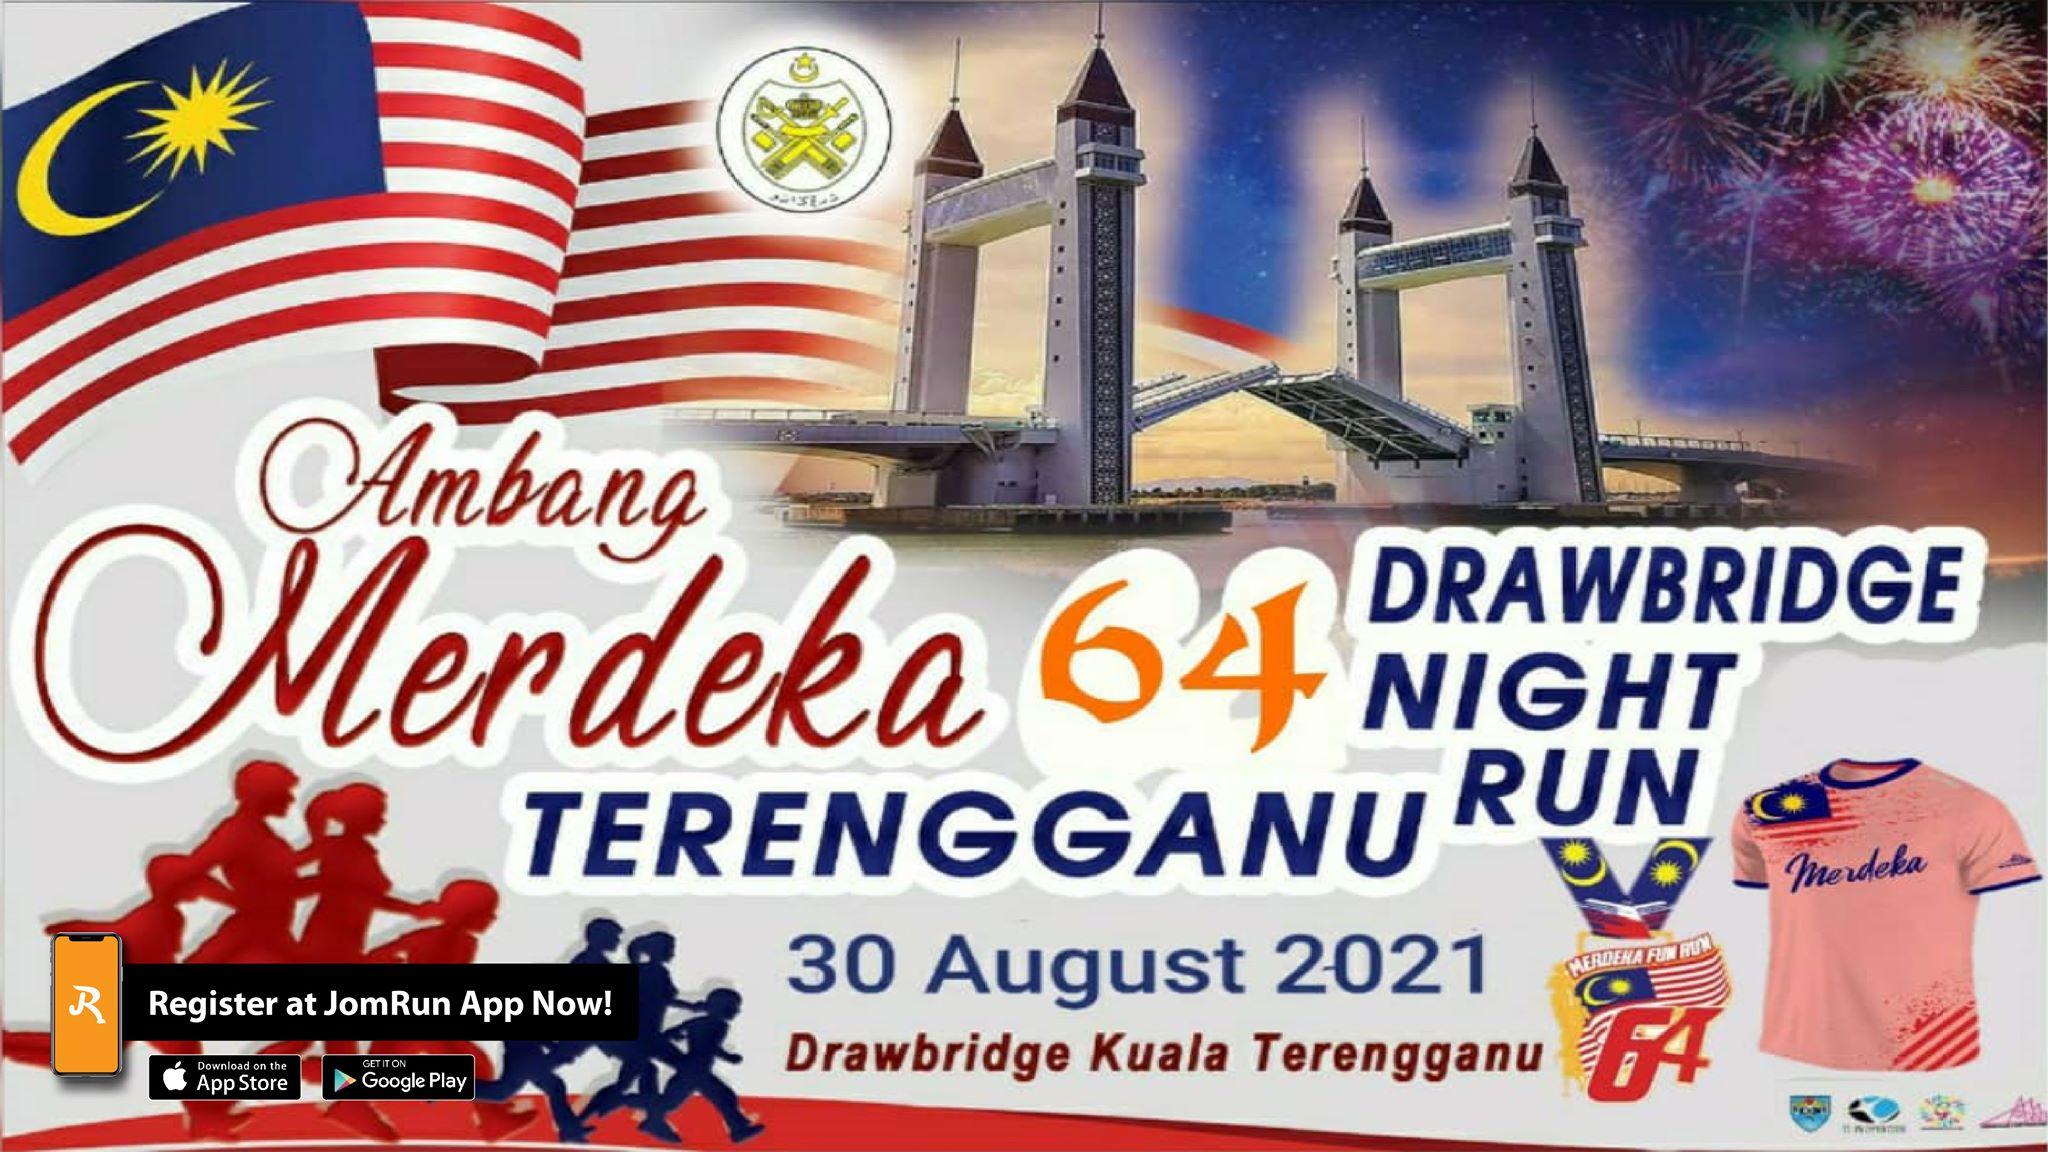 Ambang Merdeka Drawbridge Terengganu Night Run 2021